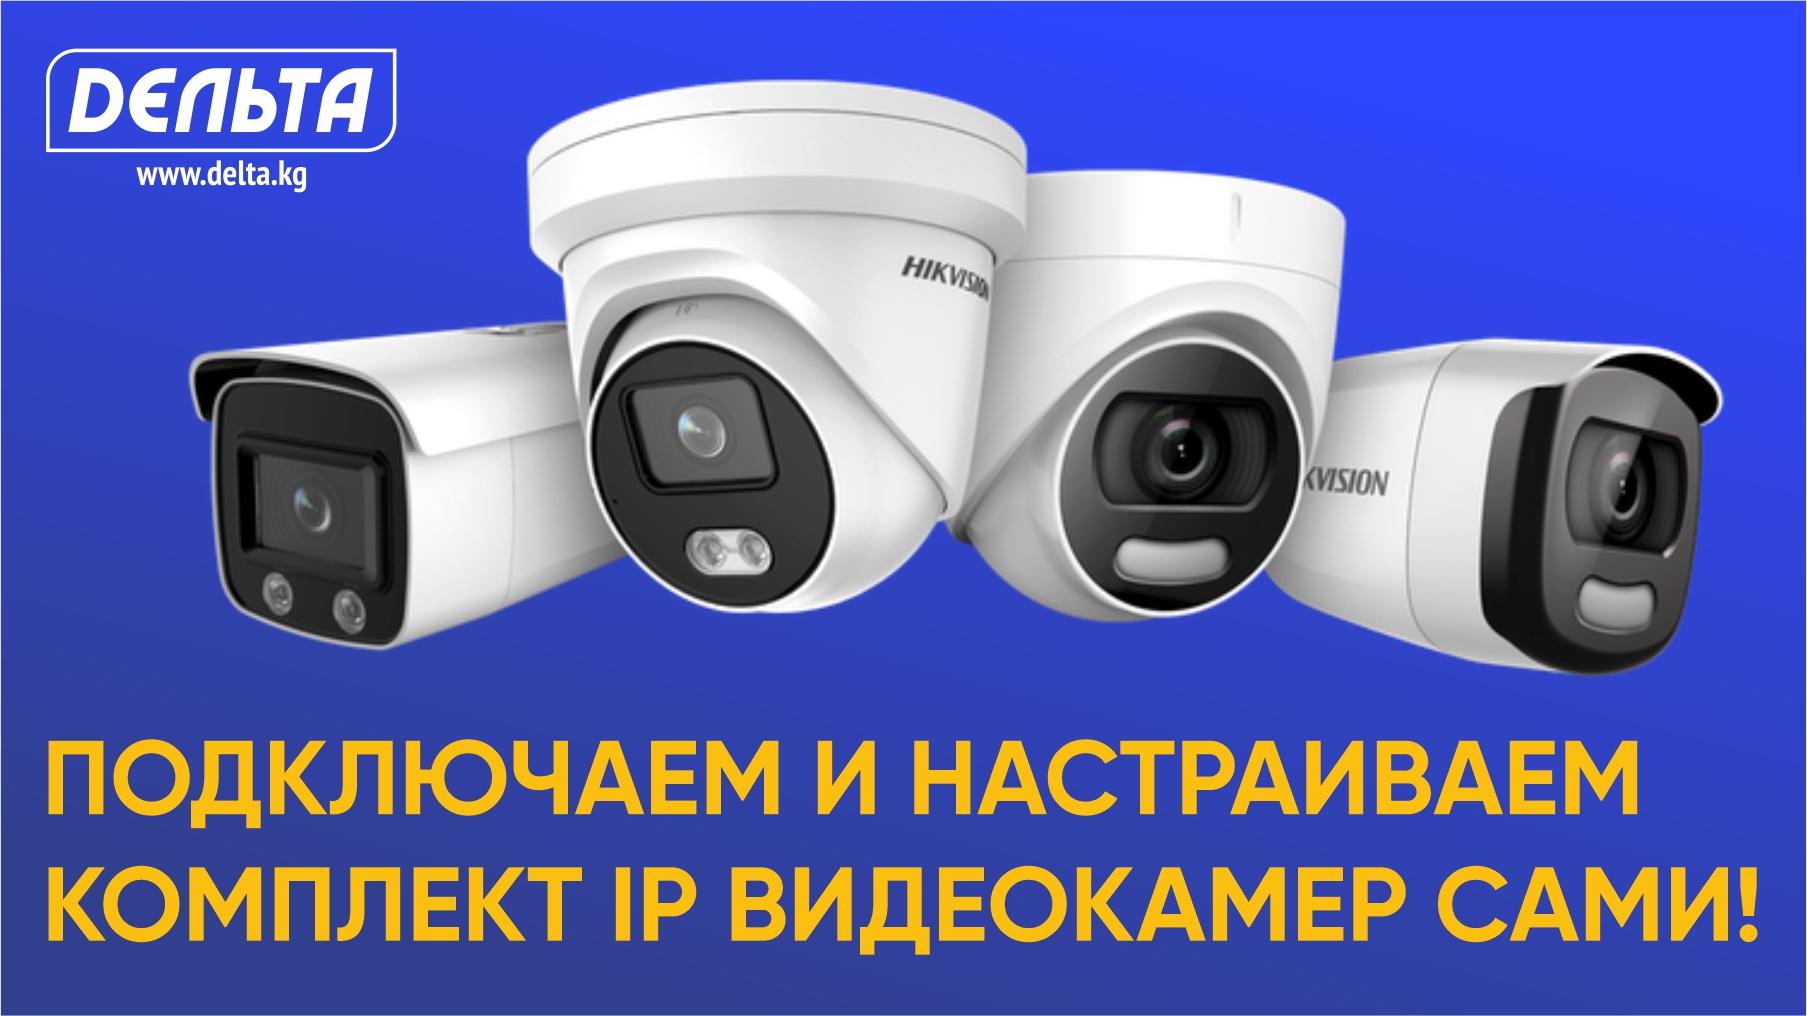 Подключаем и настраиваем комплект IP видеокамер САМИ! Hikvision. Delta.kg. Бишкек